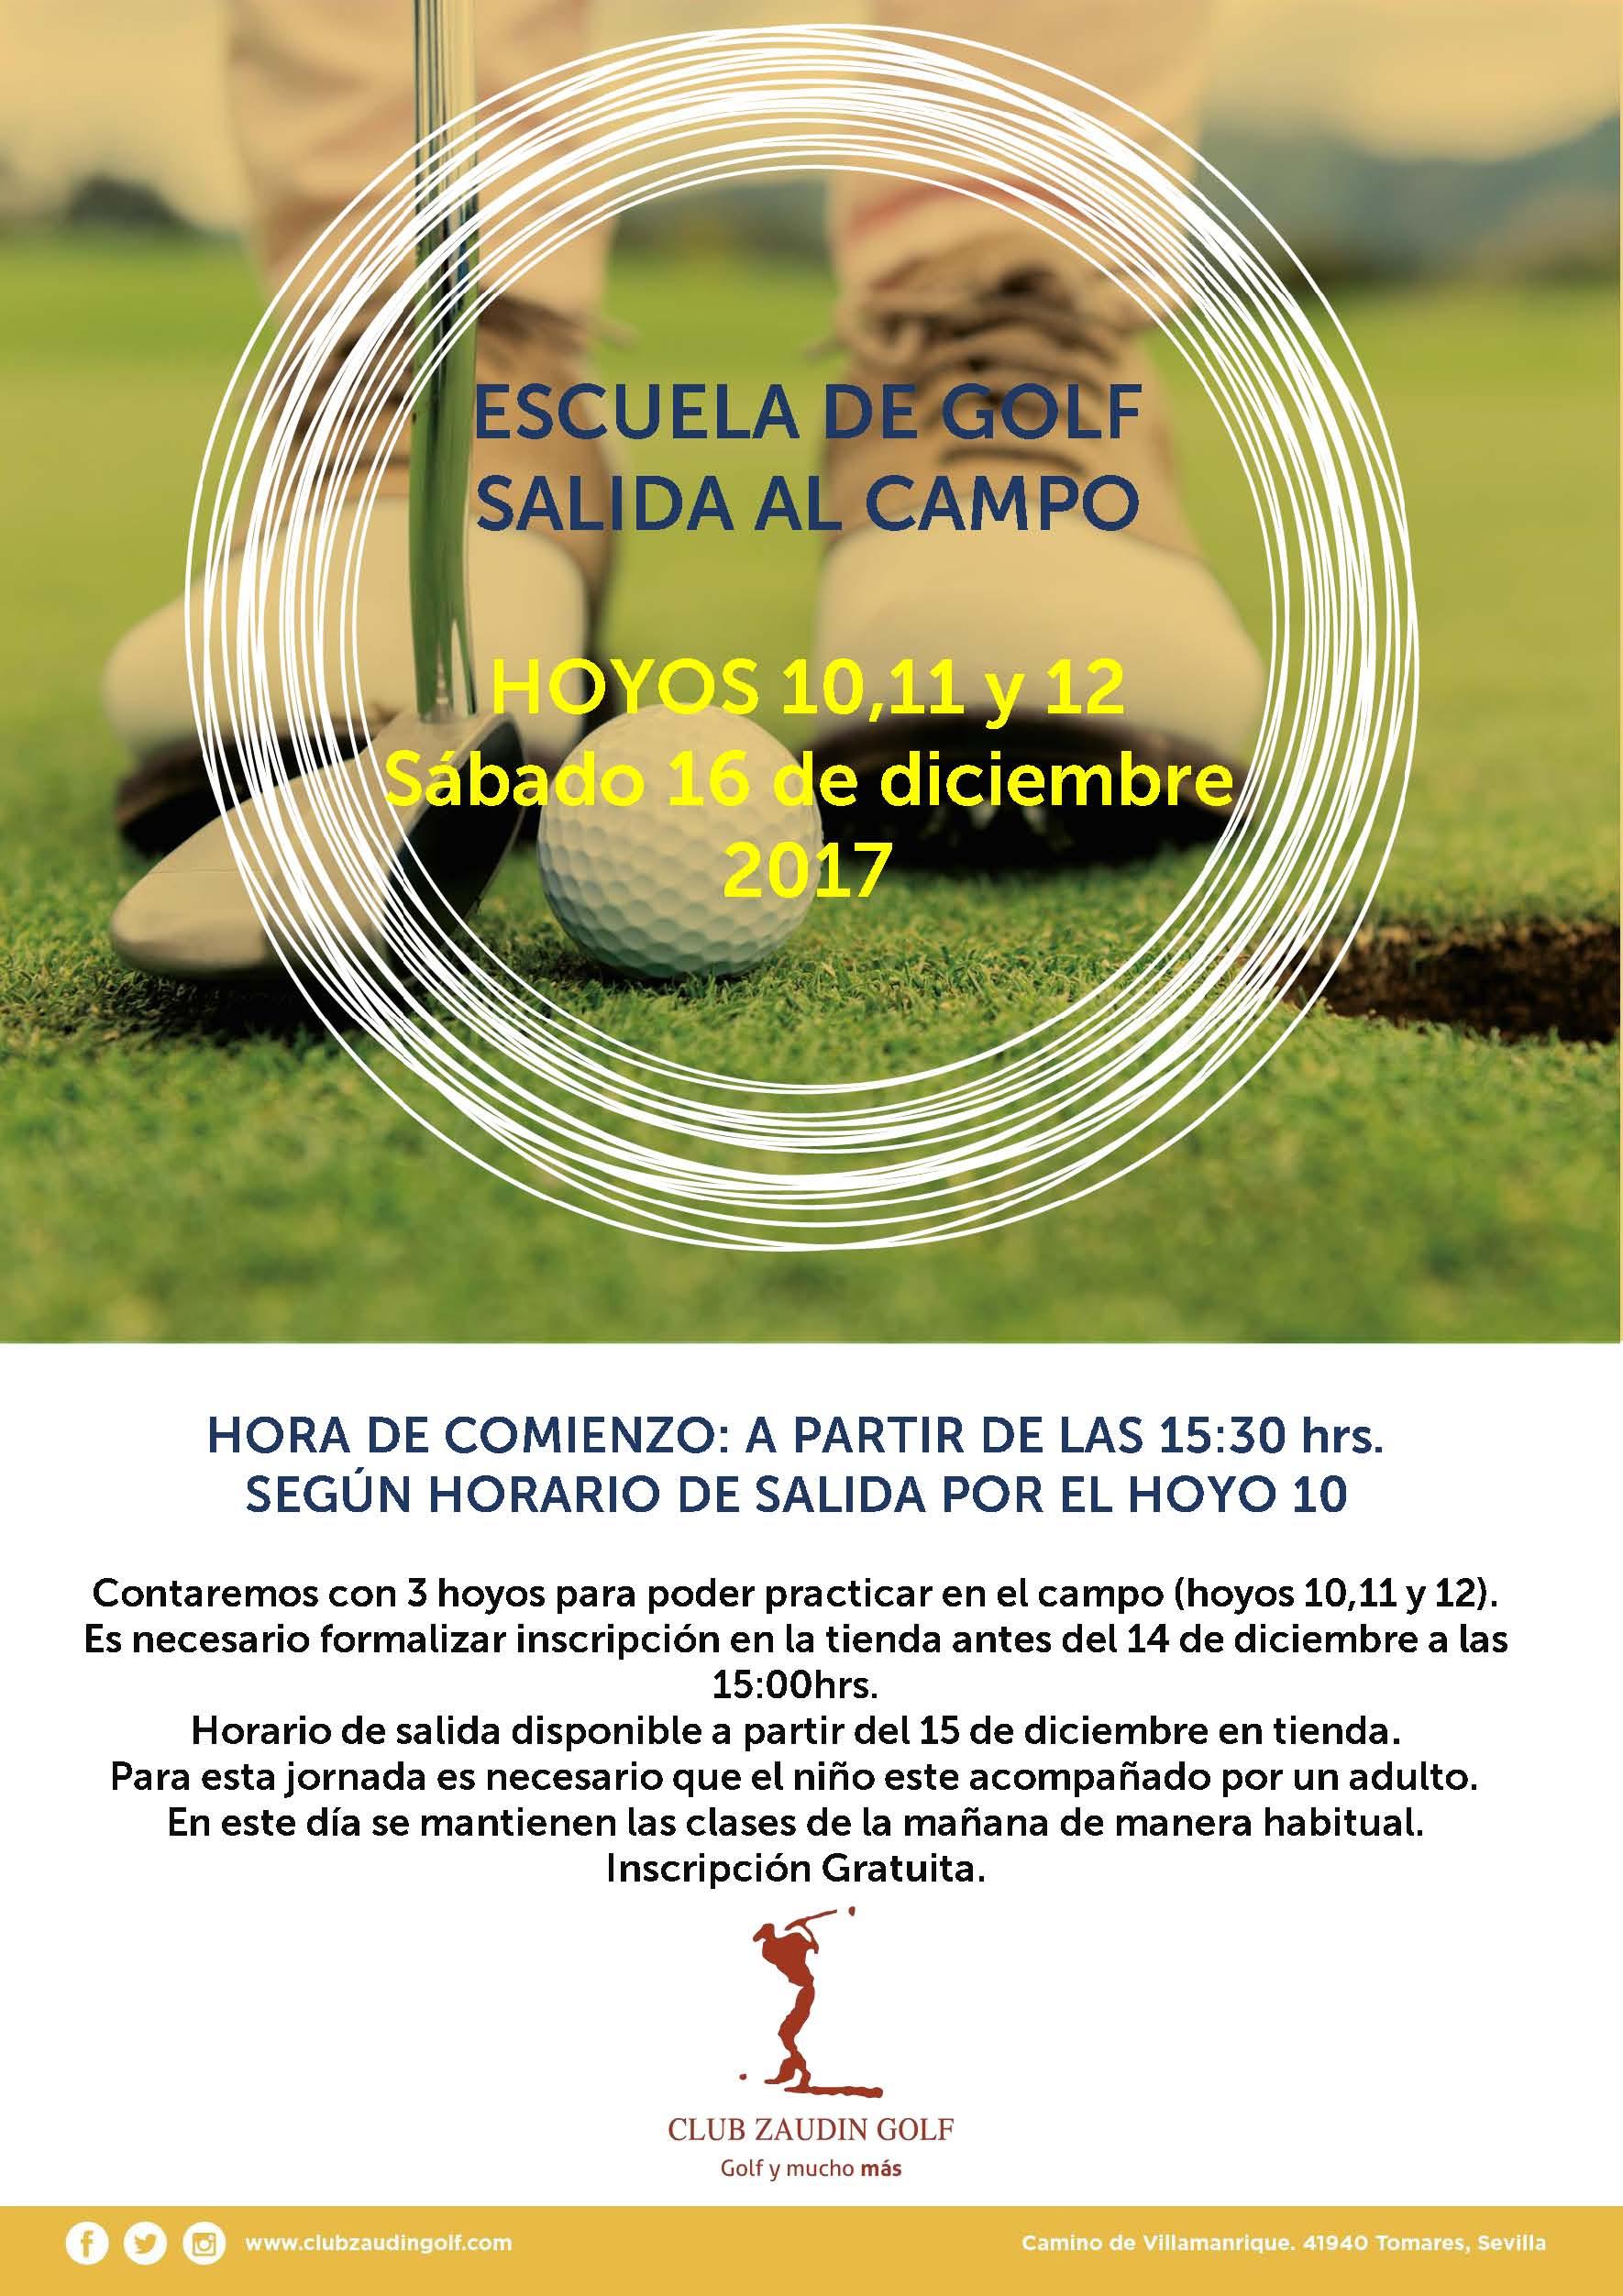 Salida Hoyos 10,11 y 12 Escuela de Golf